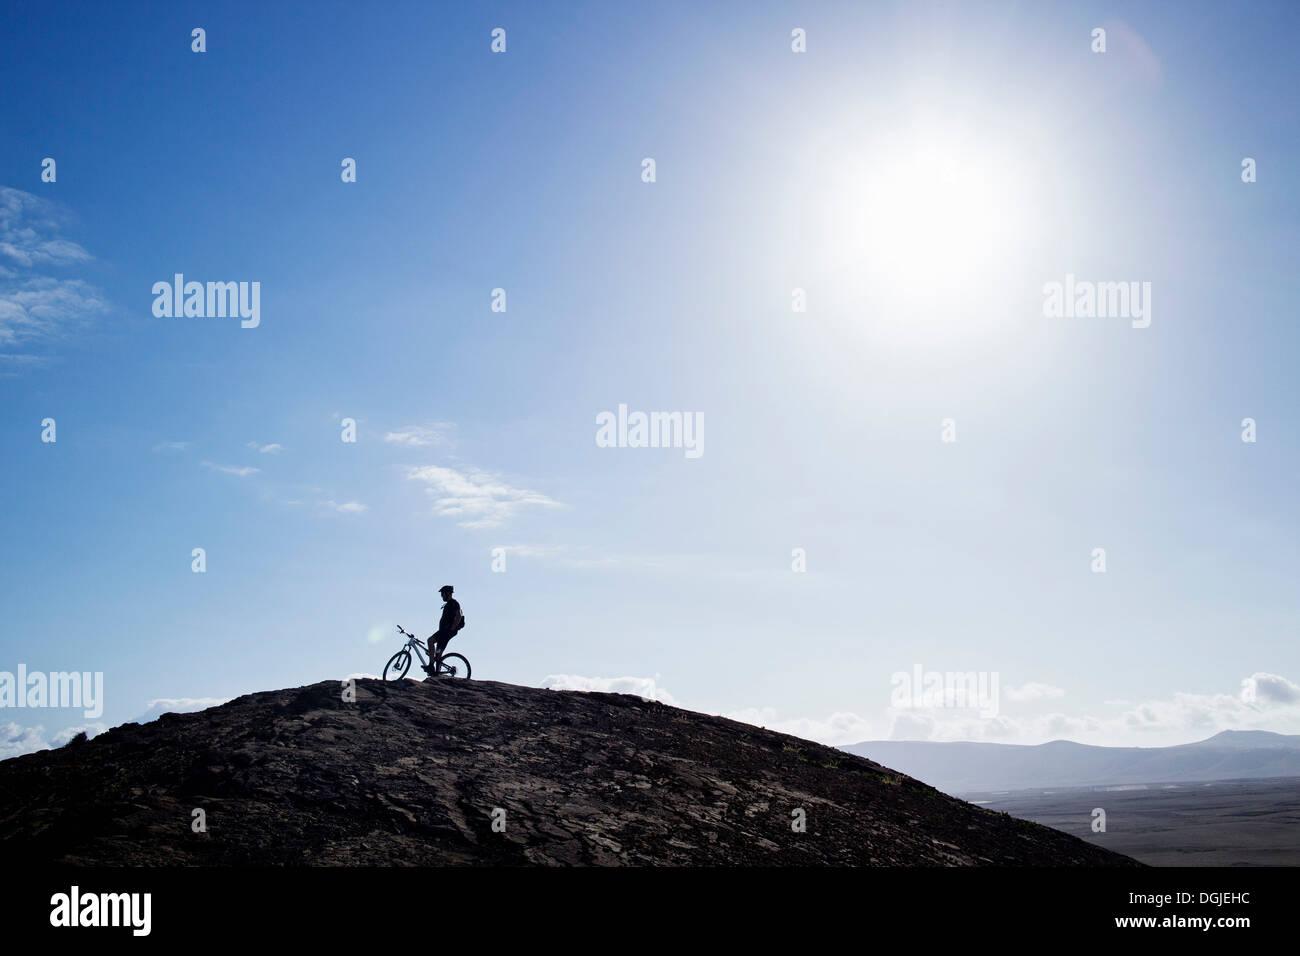 Man mountain biking, Pica del Cuchillo, Lanzarote Photo Stock